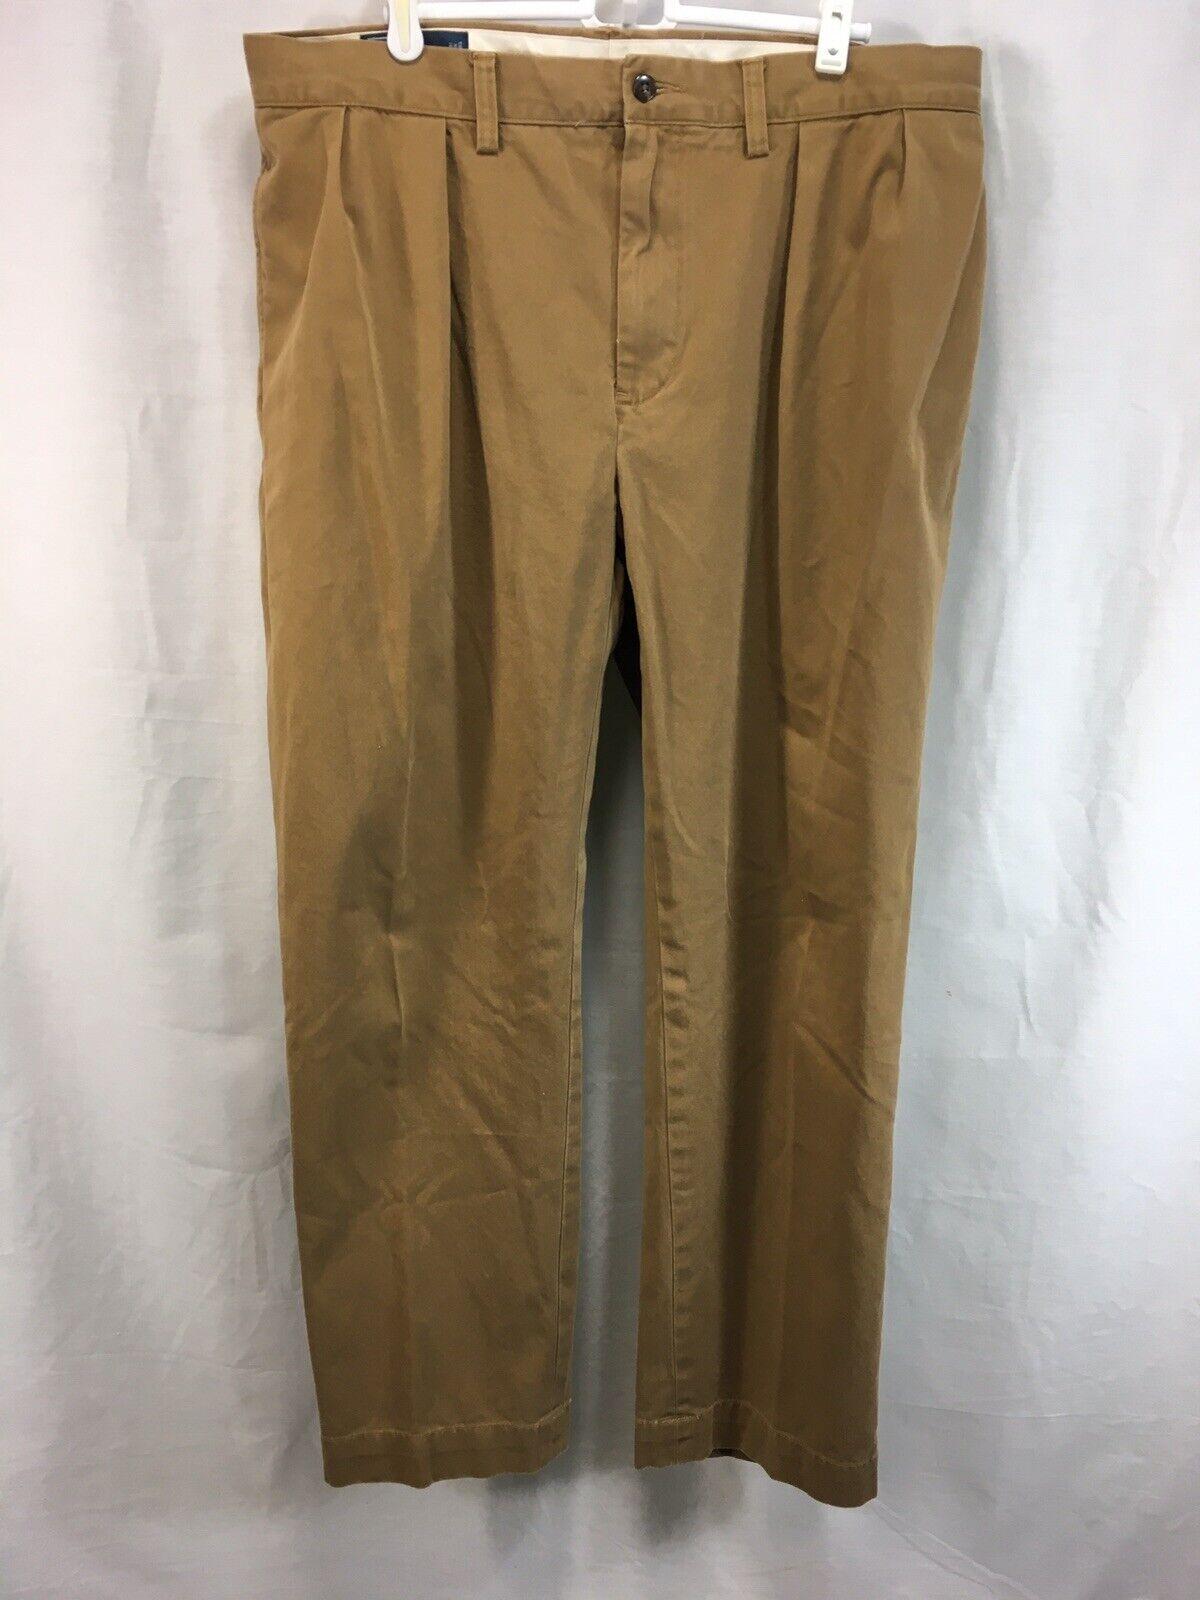 Polo Ralph Lauren Pants Mens 36 30 Beige 100% Cotton Ethan Pant Pleated Front